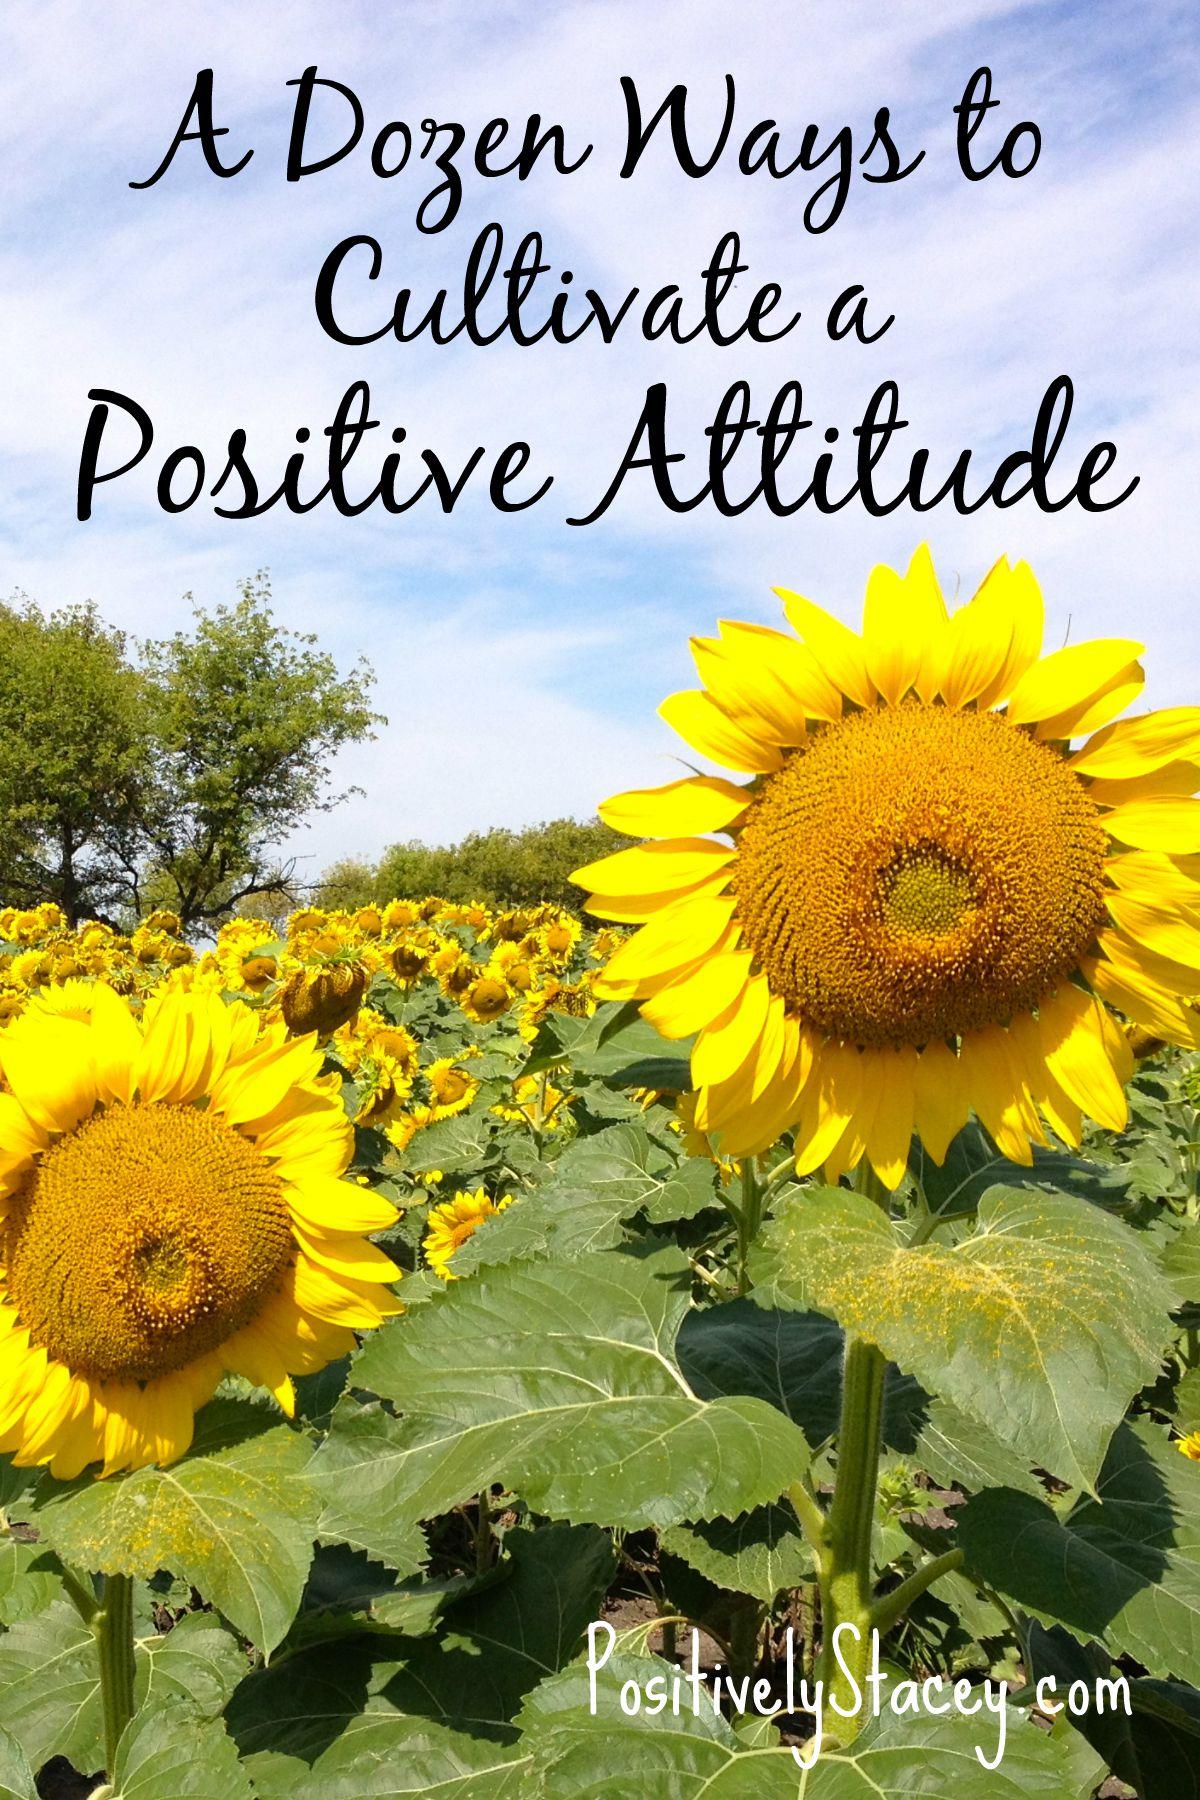 A Dozen Ways to Cultivate a Positive Attitude